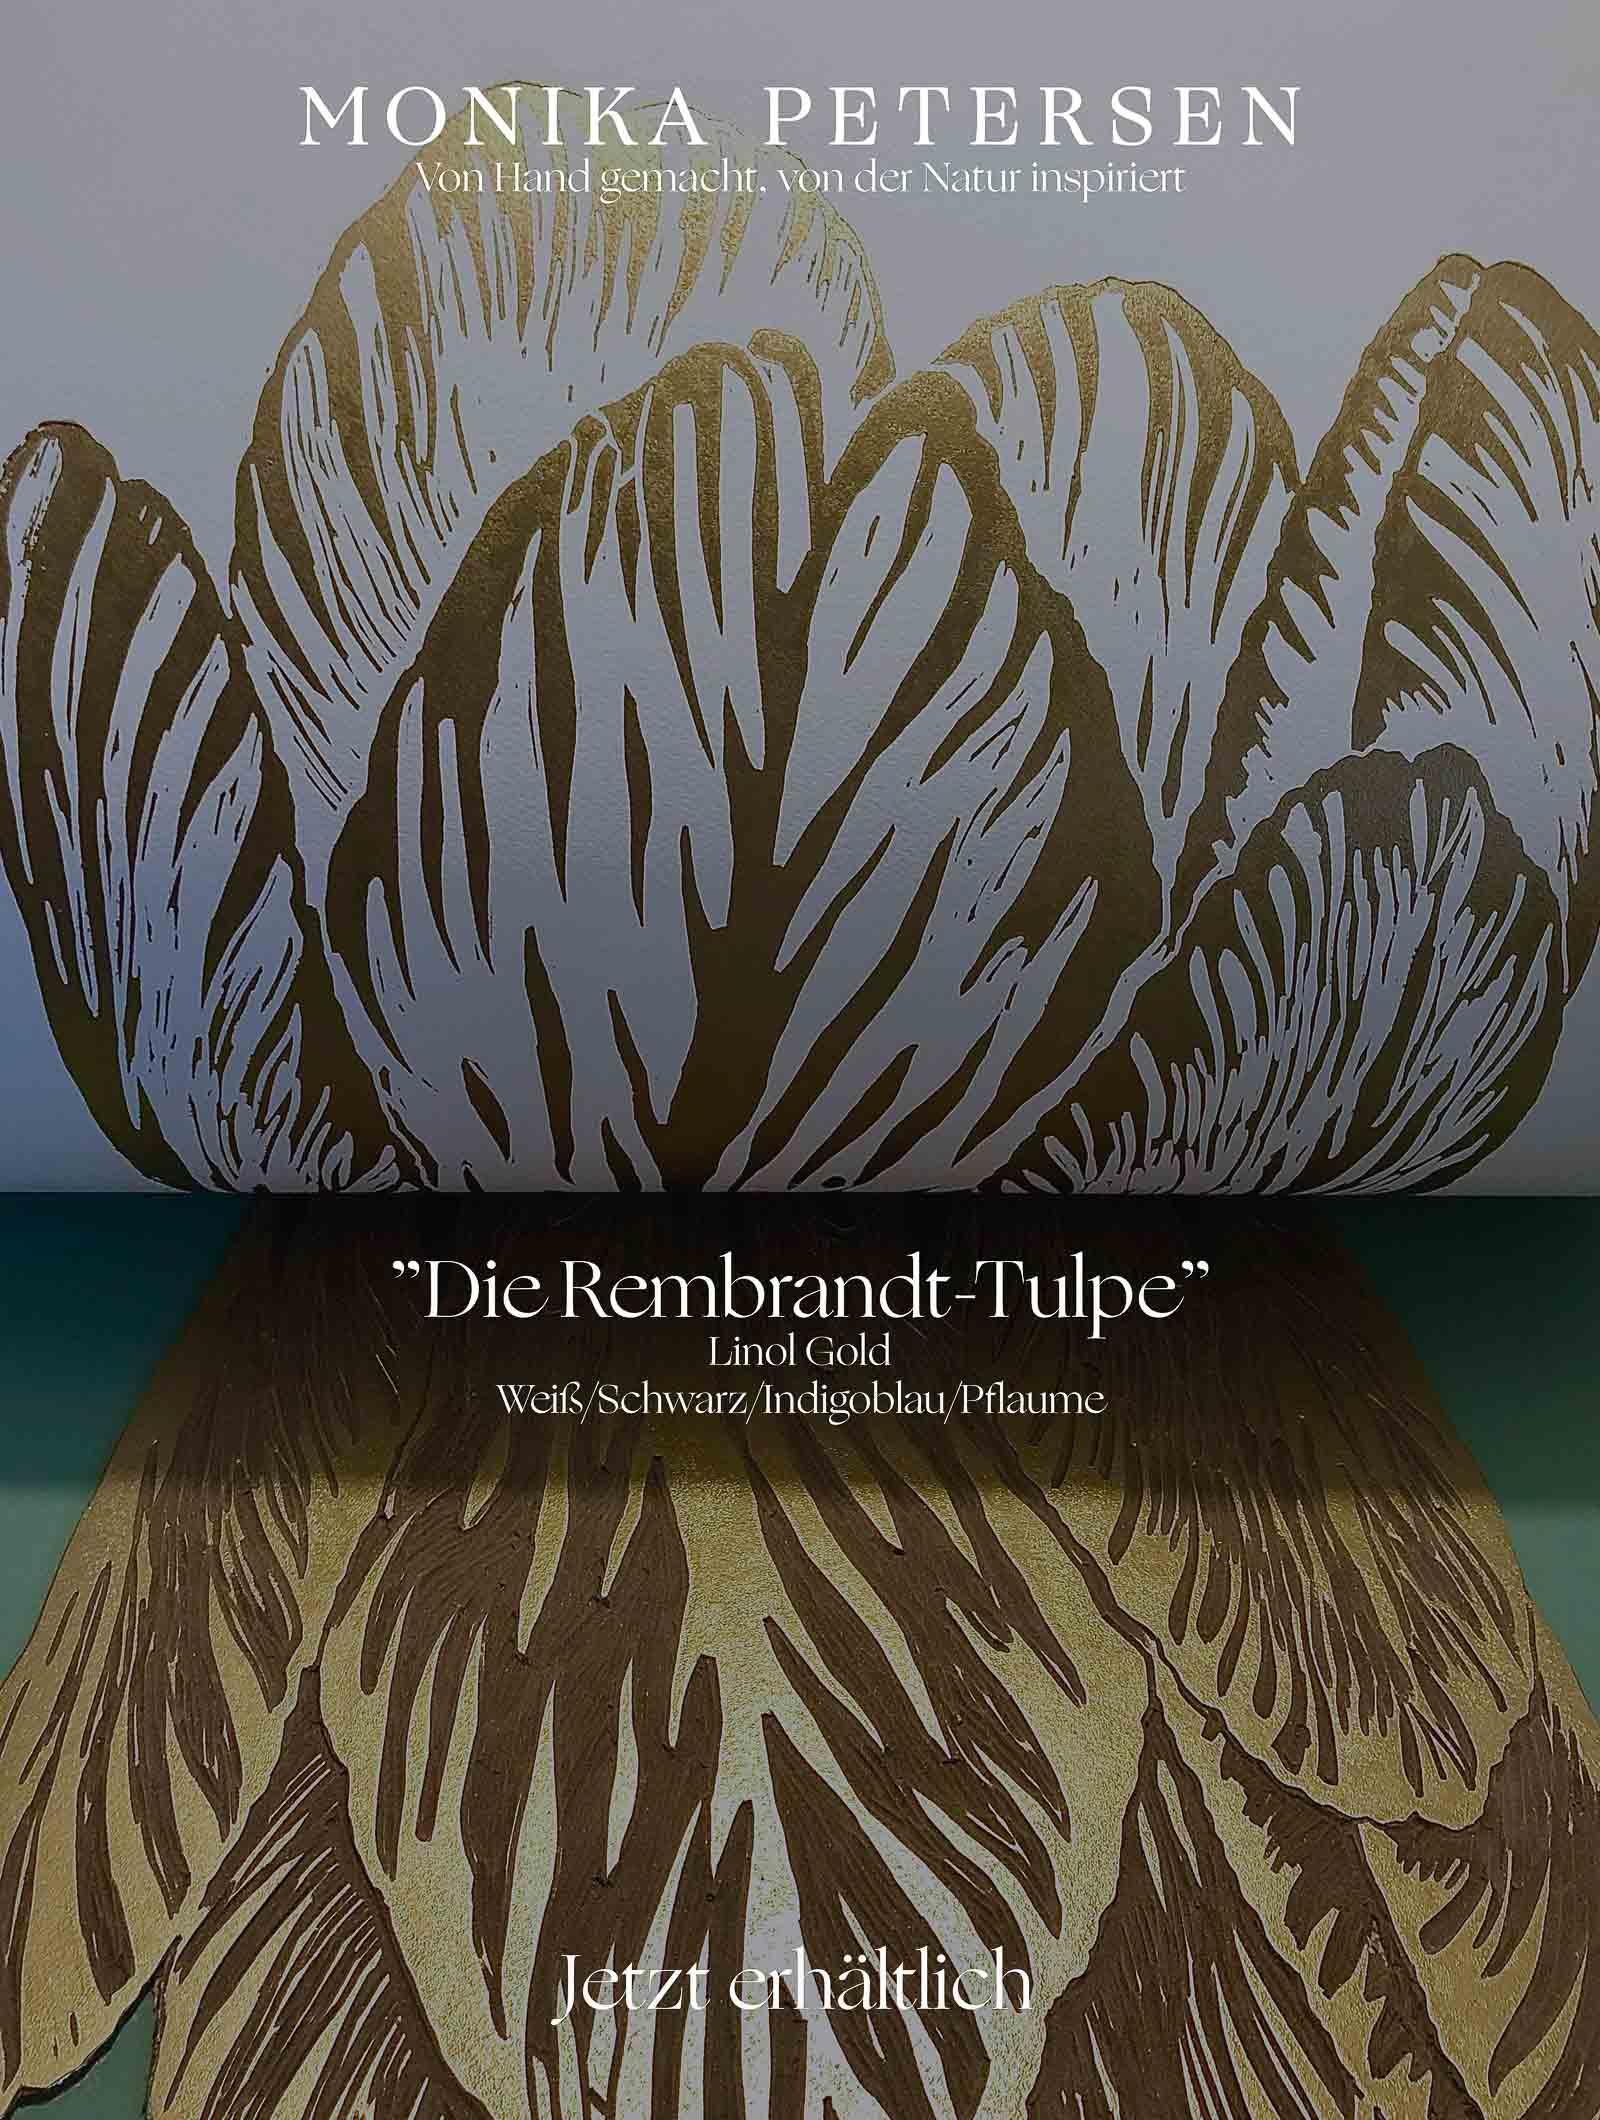 Die Rembrandt-Tulpe